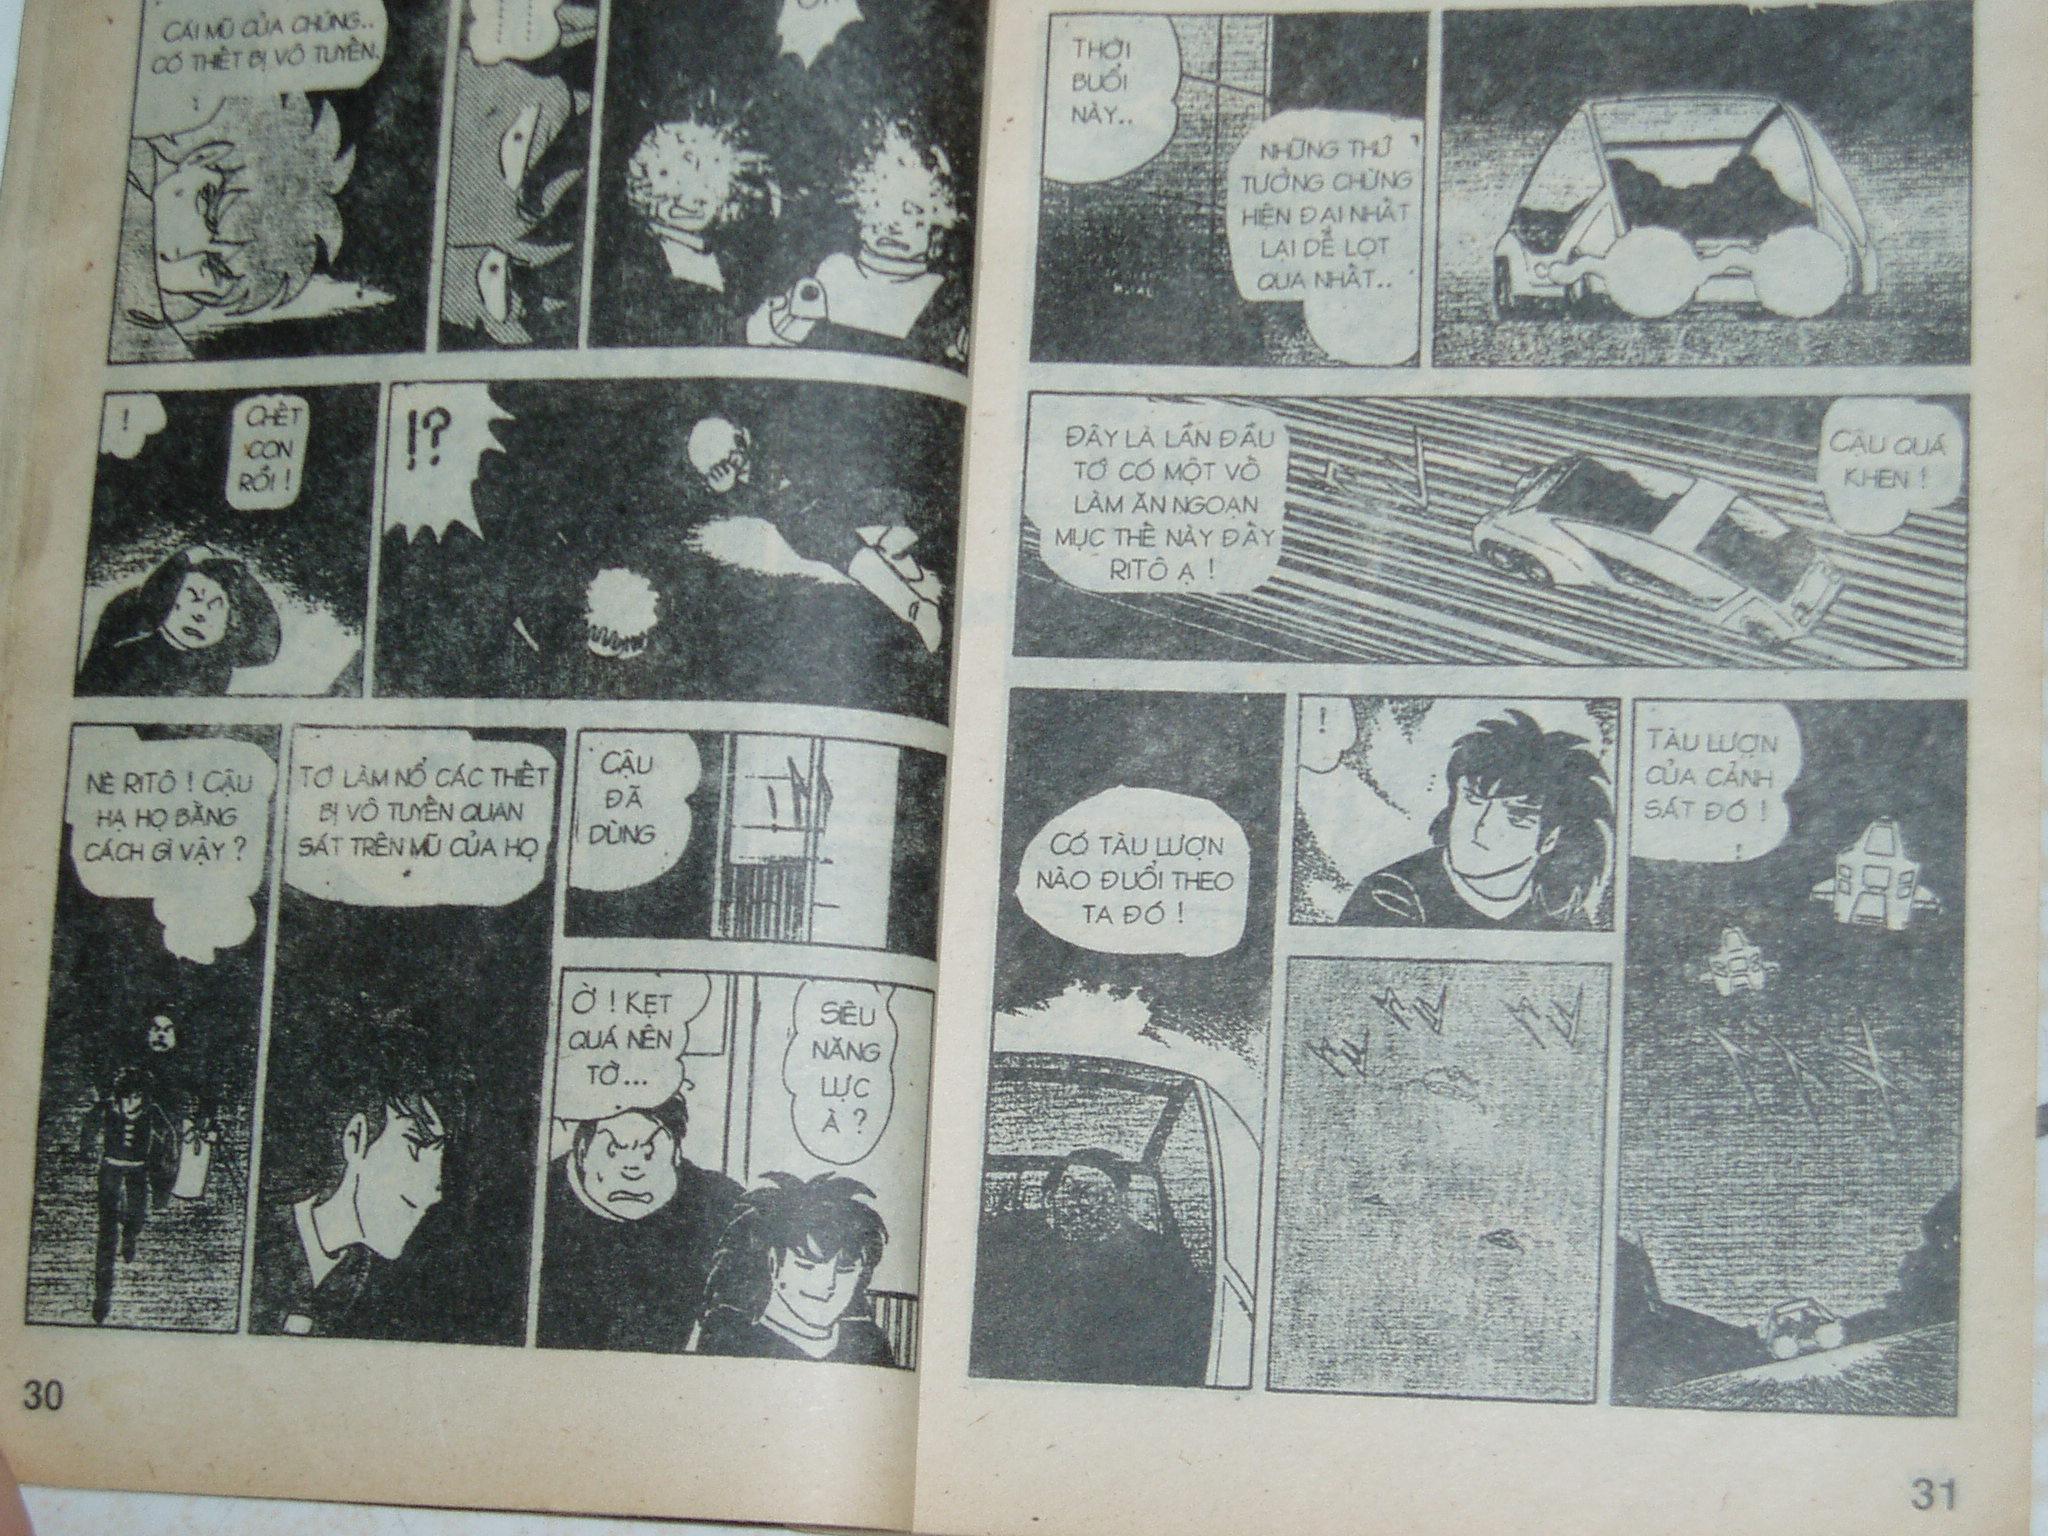 Siêu nhân Locke vol 17 trang 14